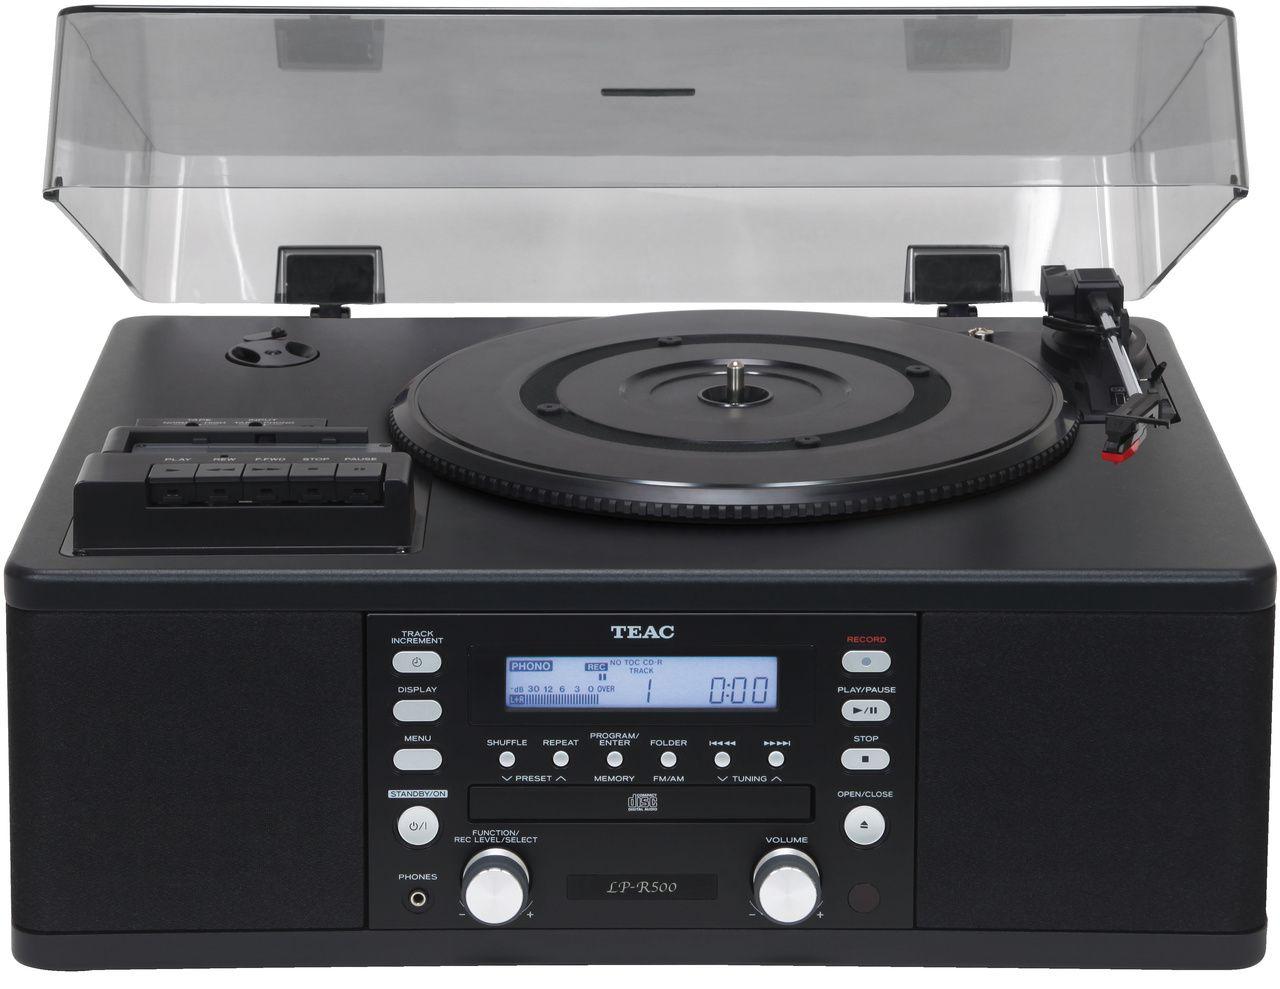 LP-R500